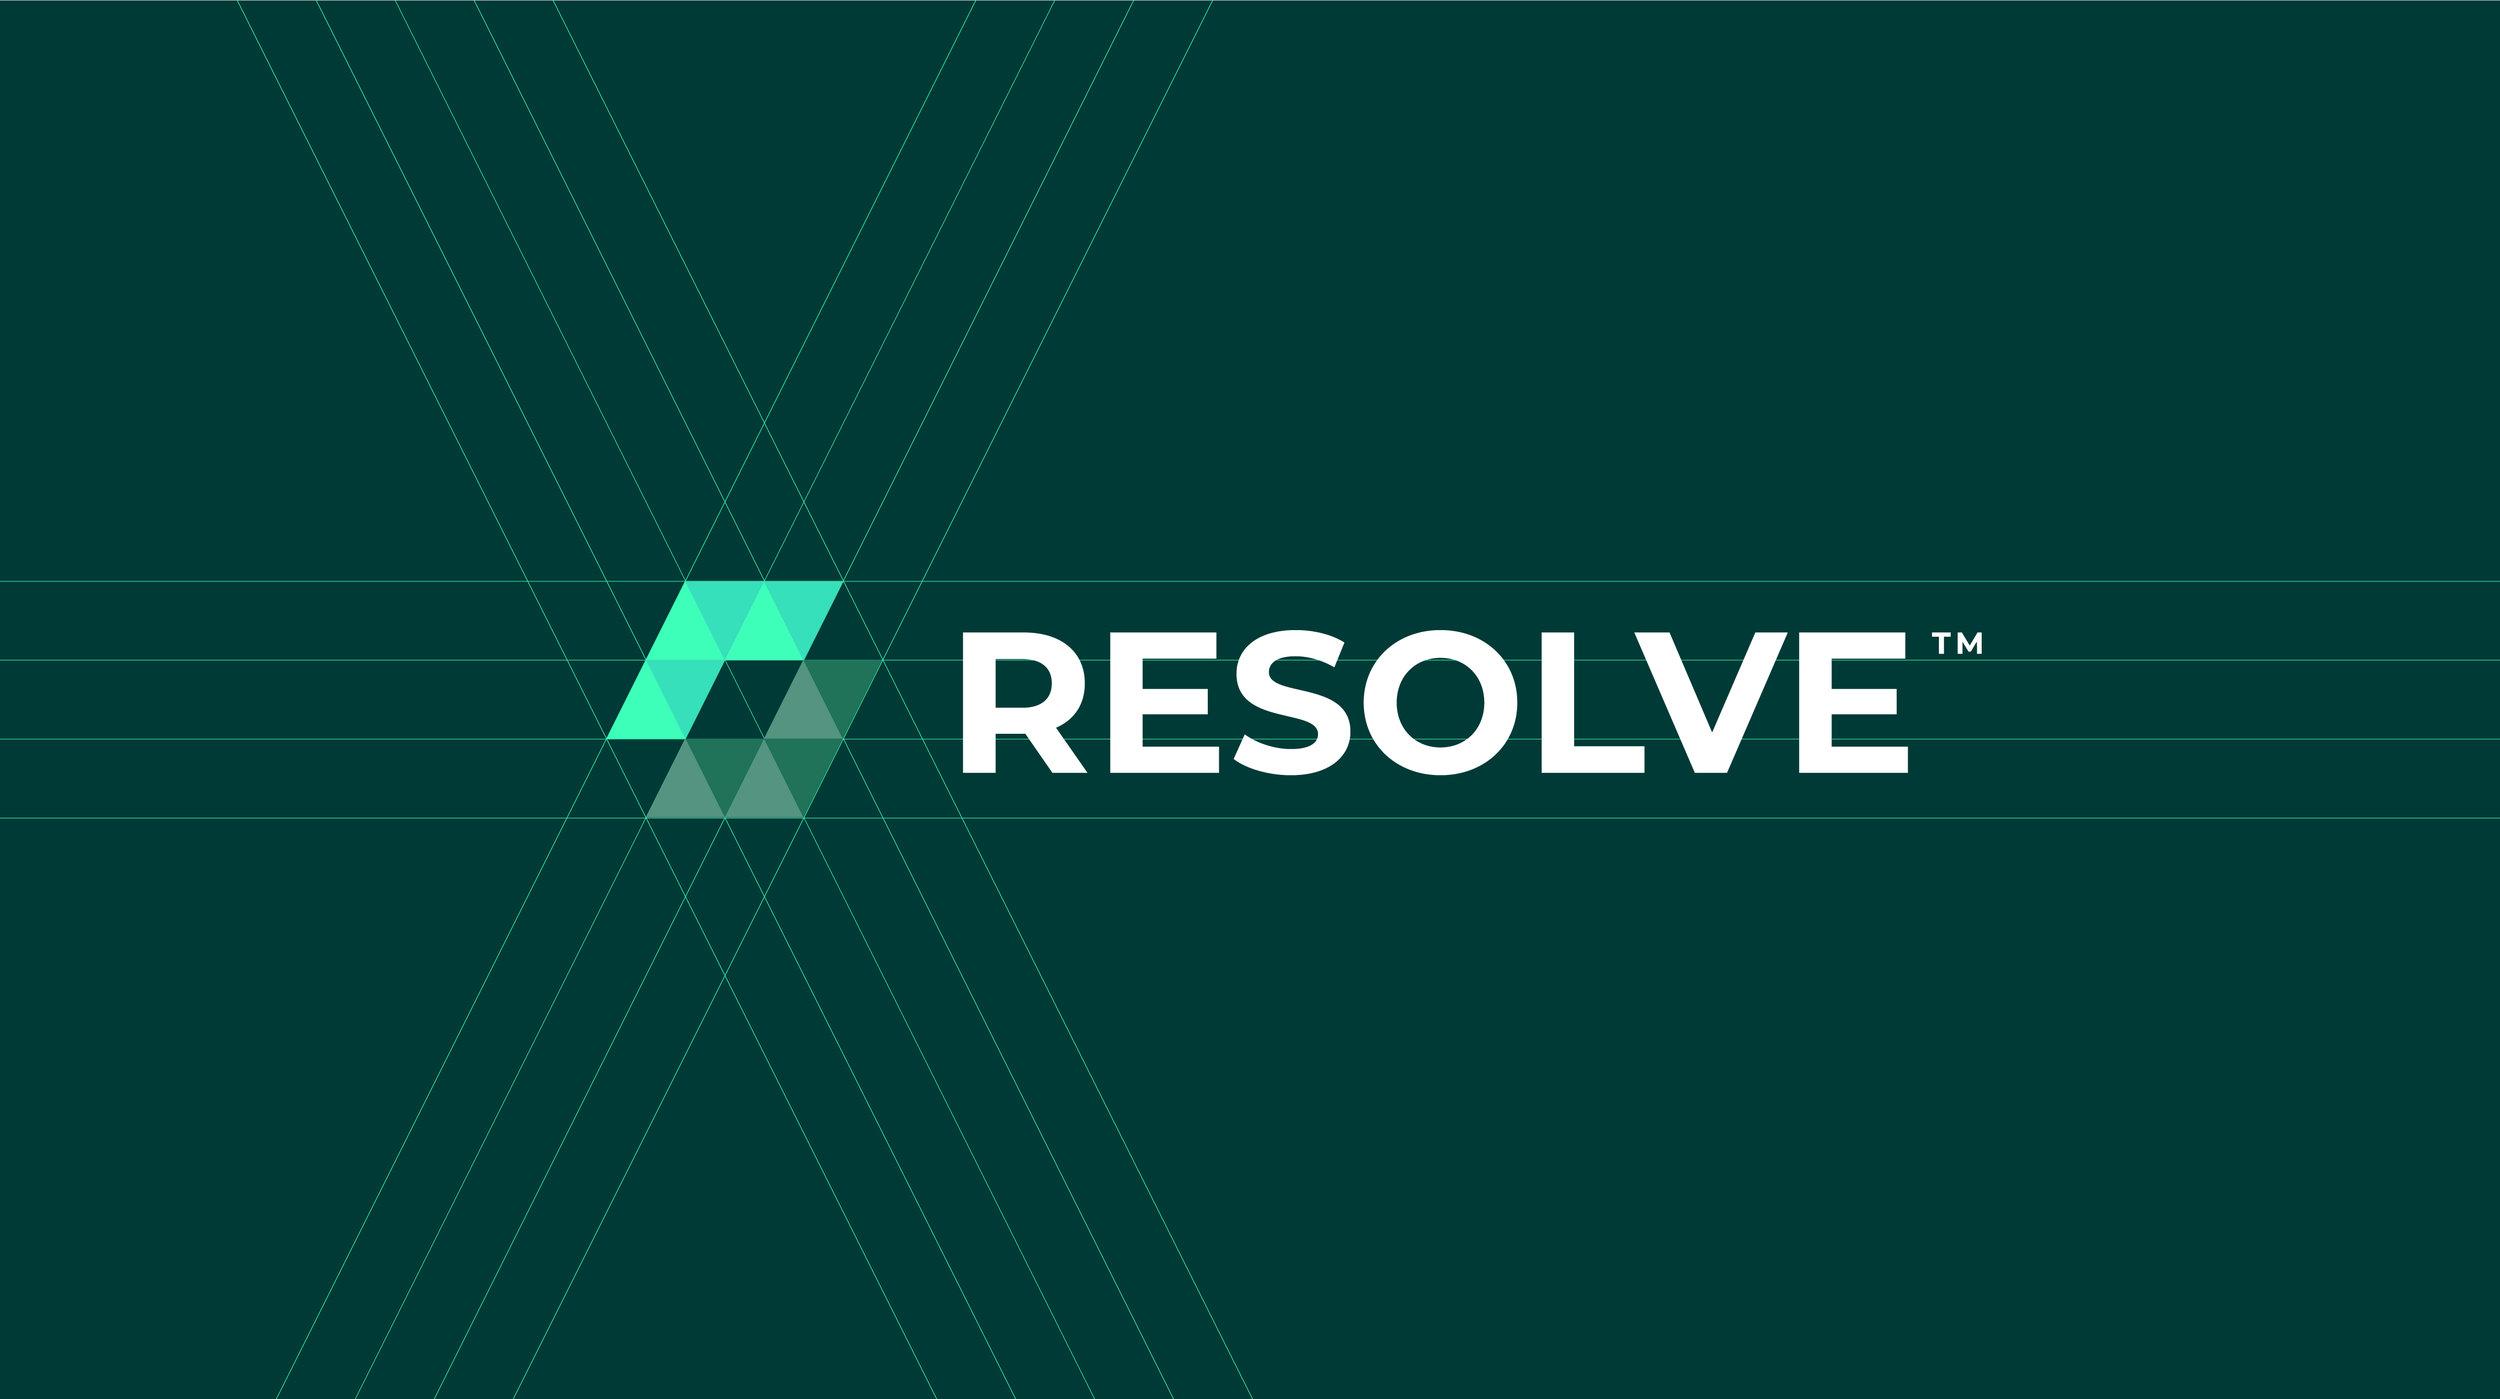 Resolve-Branding-Mockups2_resolve-05.jpg